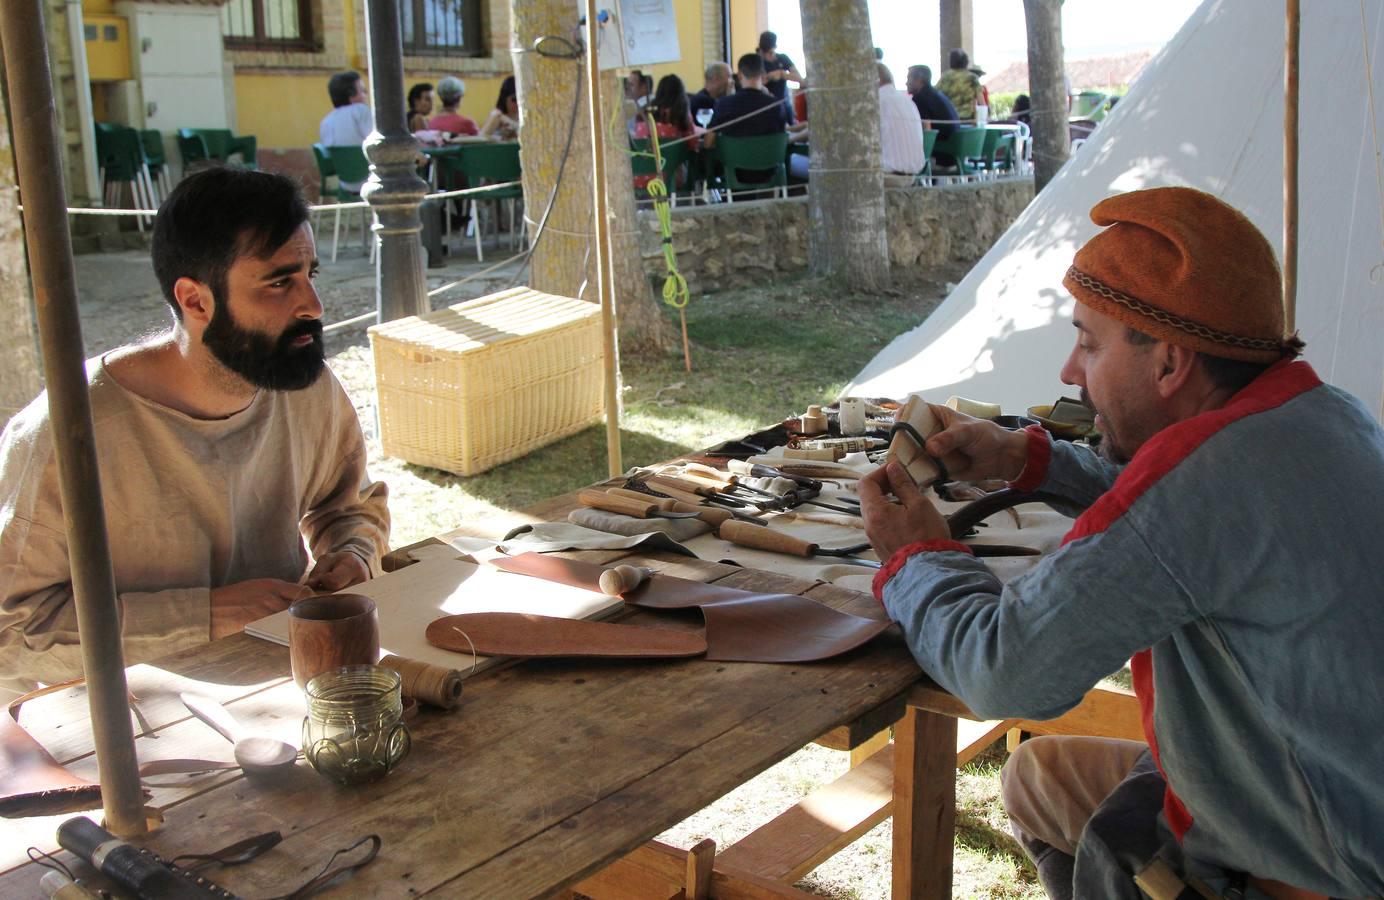 V Feria Visigoda en Palencia